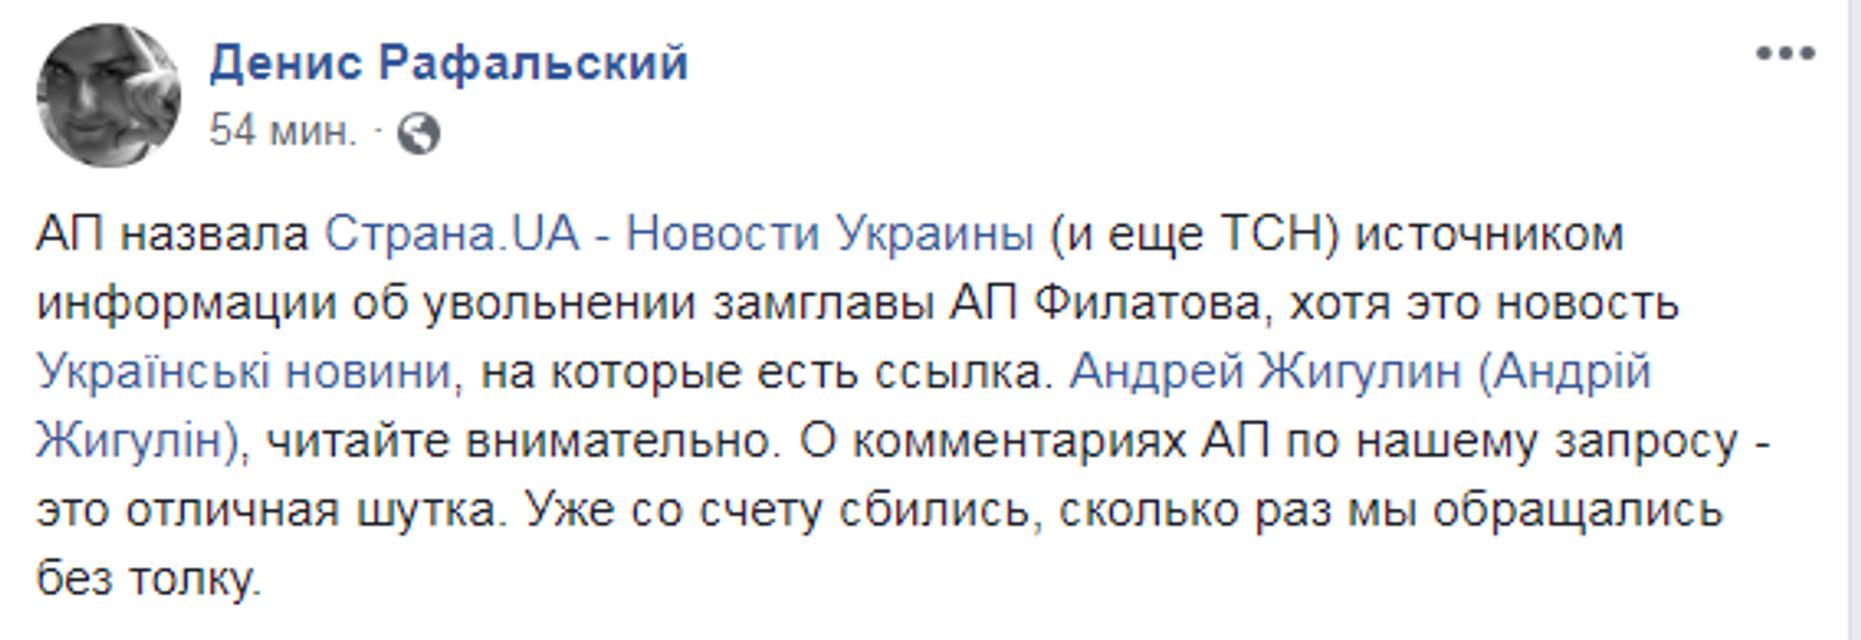 Третий пошел: Порошенко уволил замлавы Администрации  президента - СМИ - фото 179005